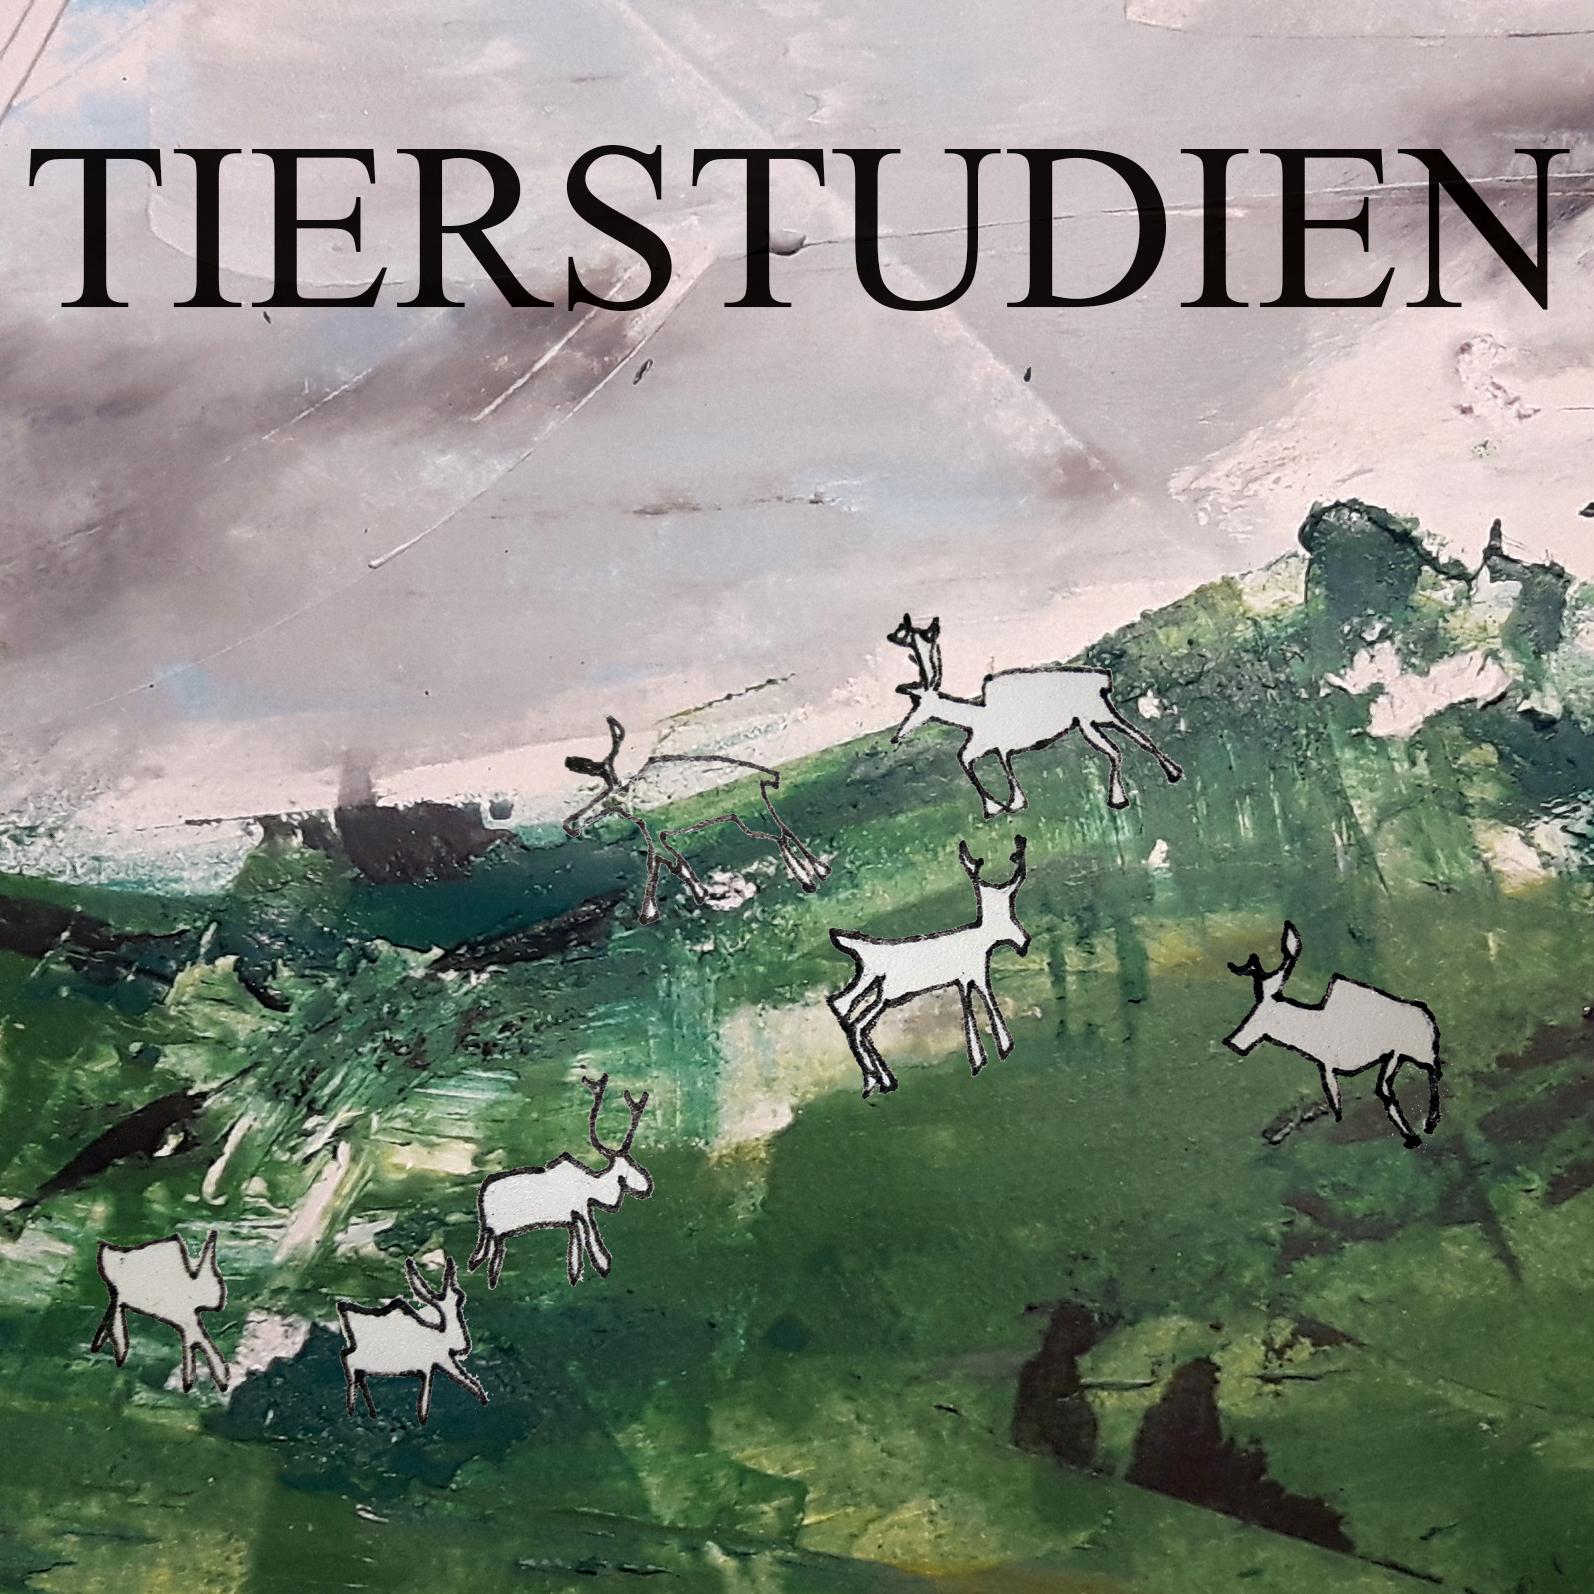 Teaser_Tierstudien_rev-2